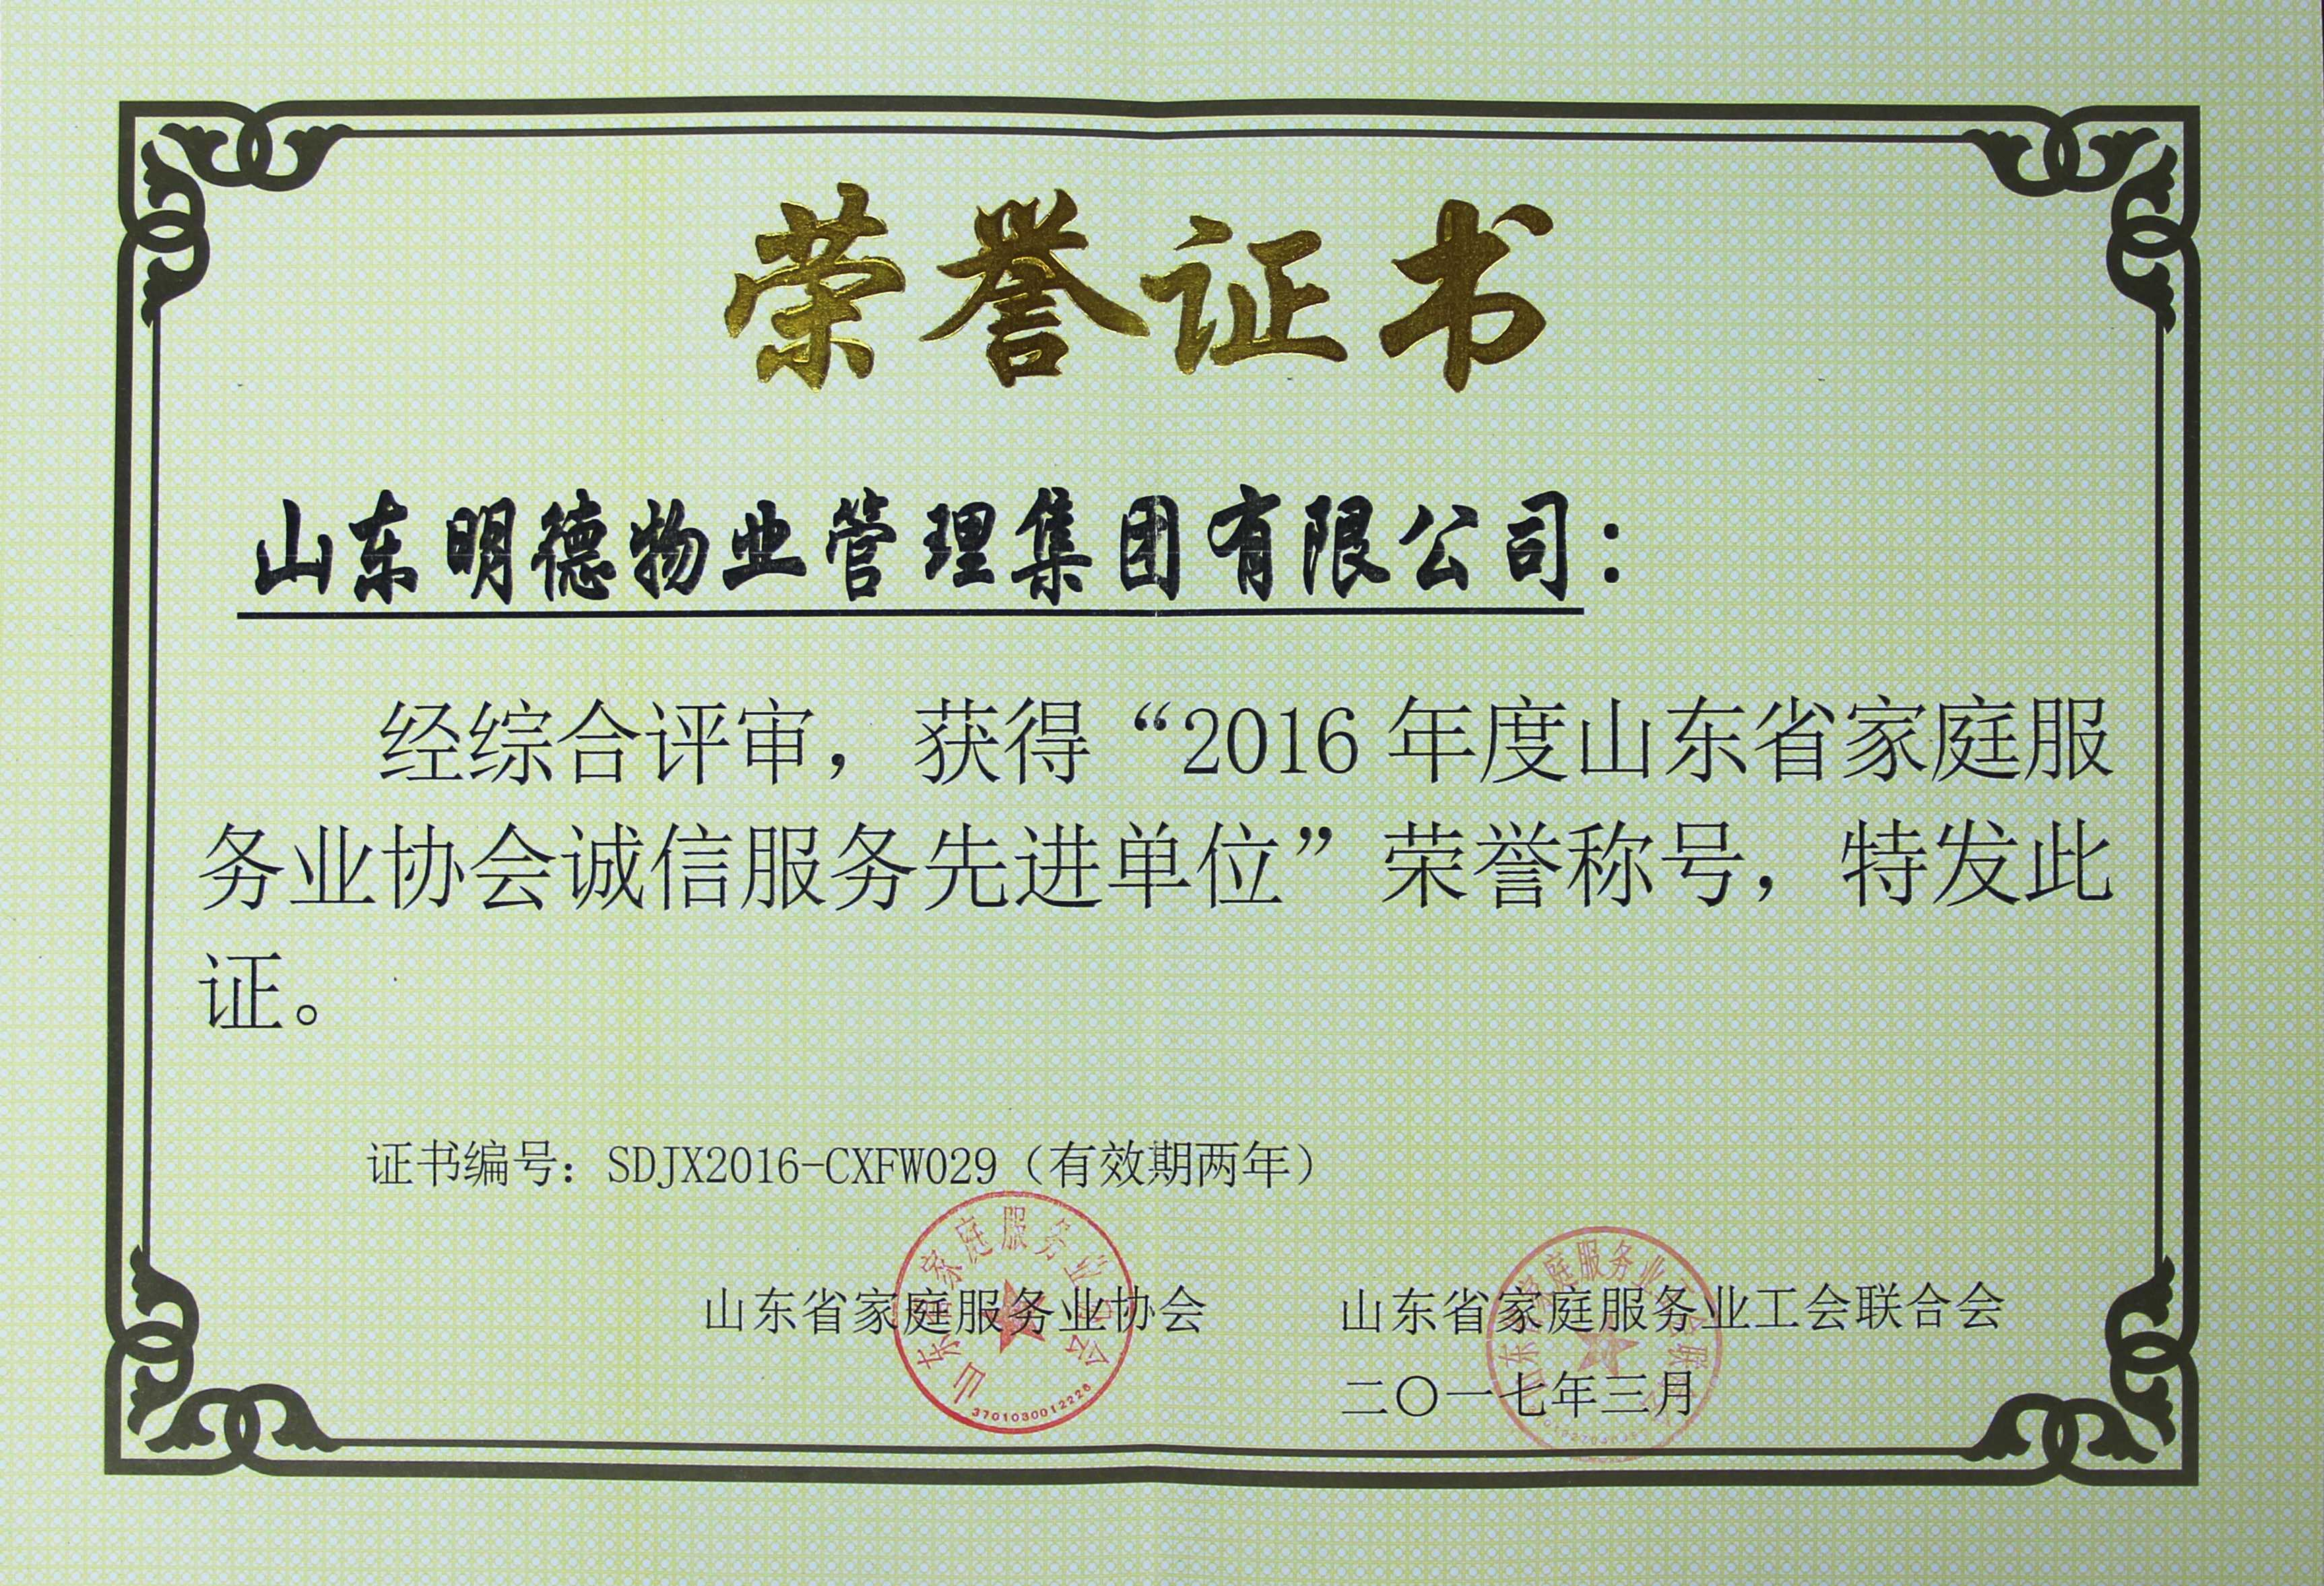 山東省家庭服務業協會誠信服務先進單位